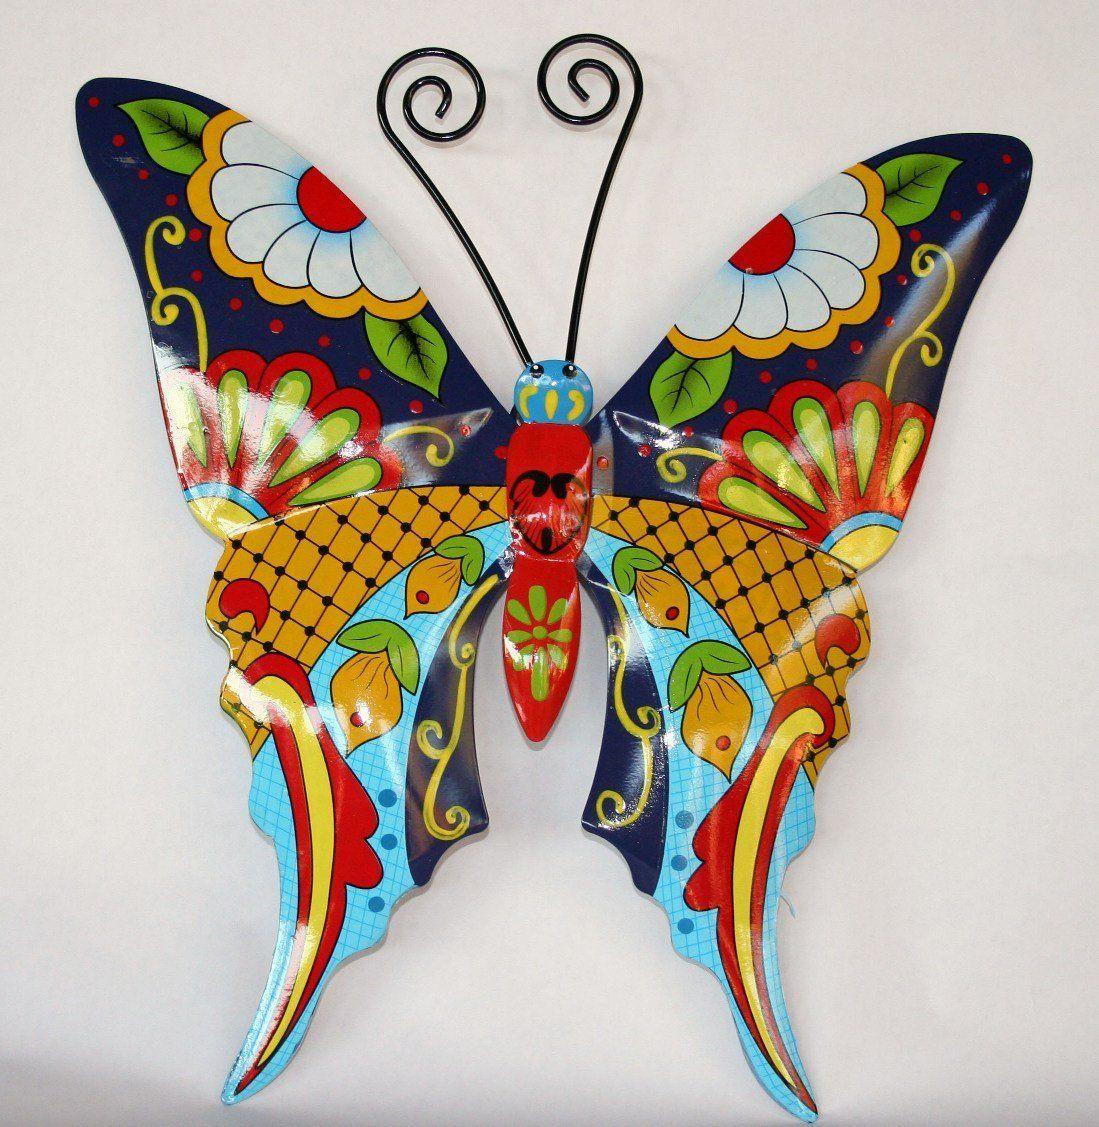 Talavera Wall Art amazon - mariposa de pared de metal del estilo del arte del